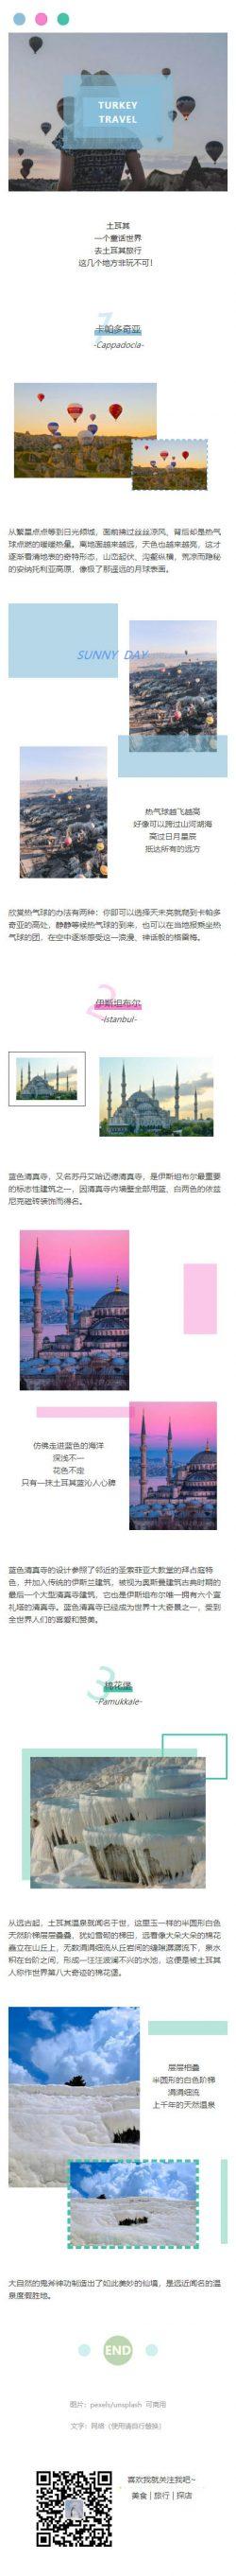 土耳其旅行景点风景区介绍推荐清新多彩风格模板